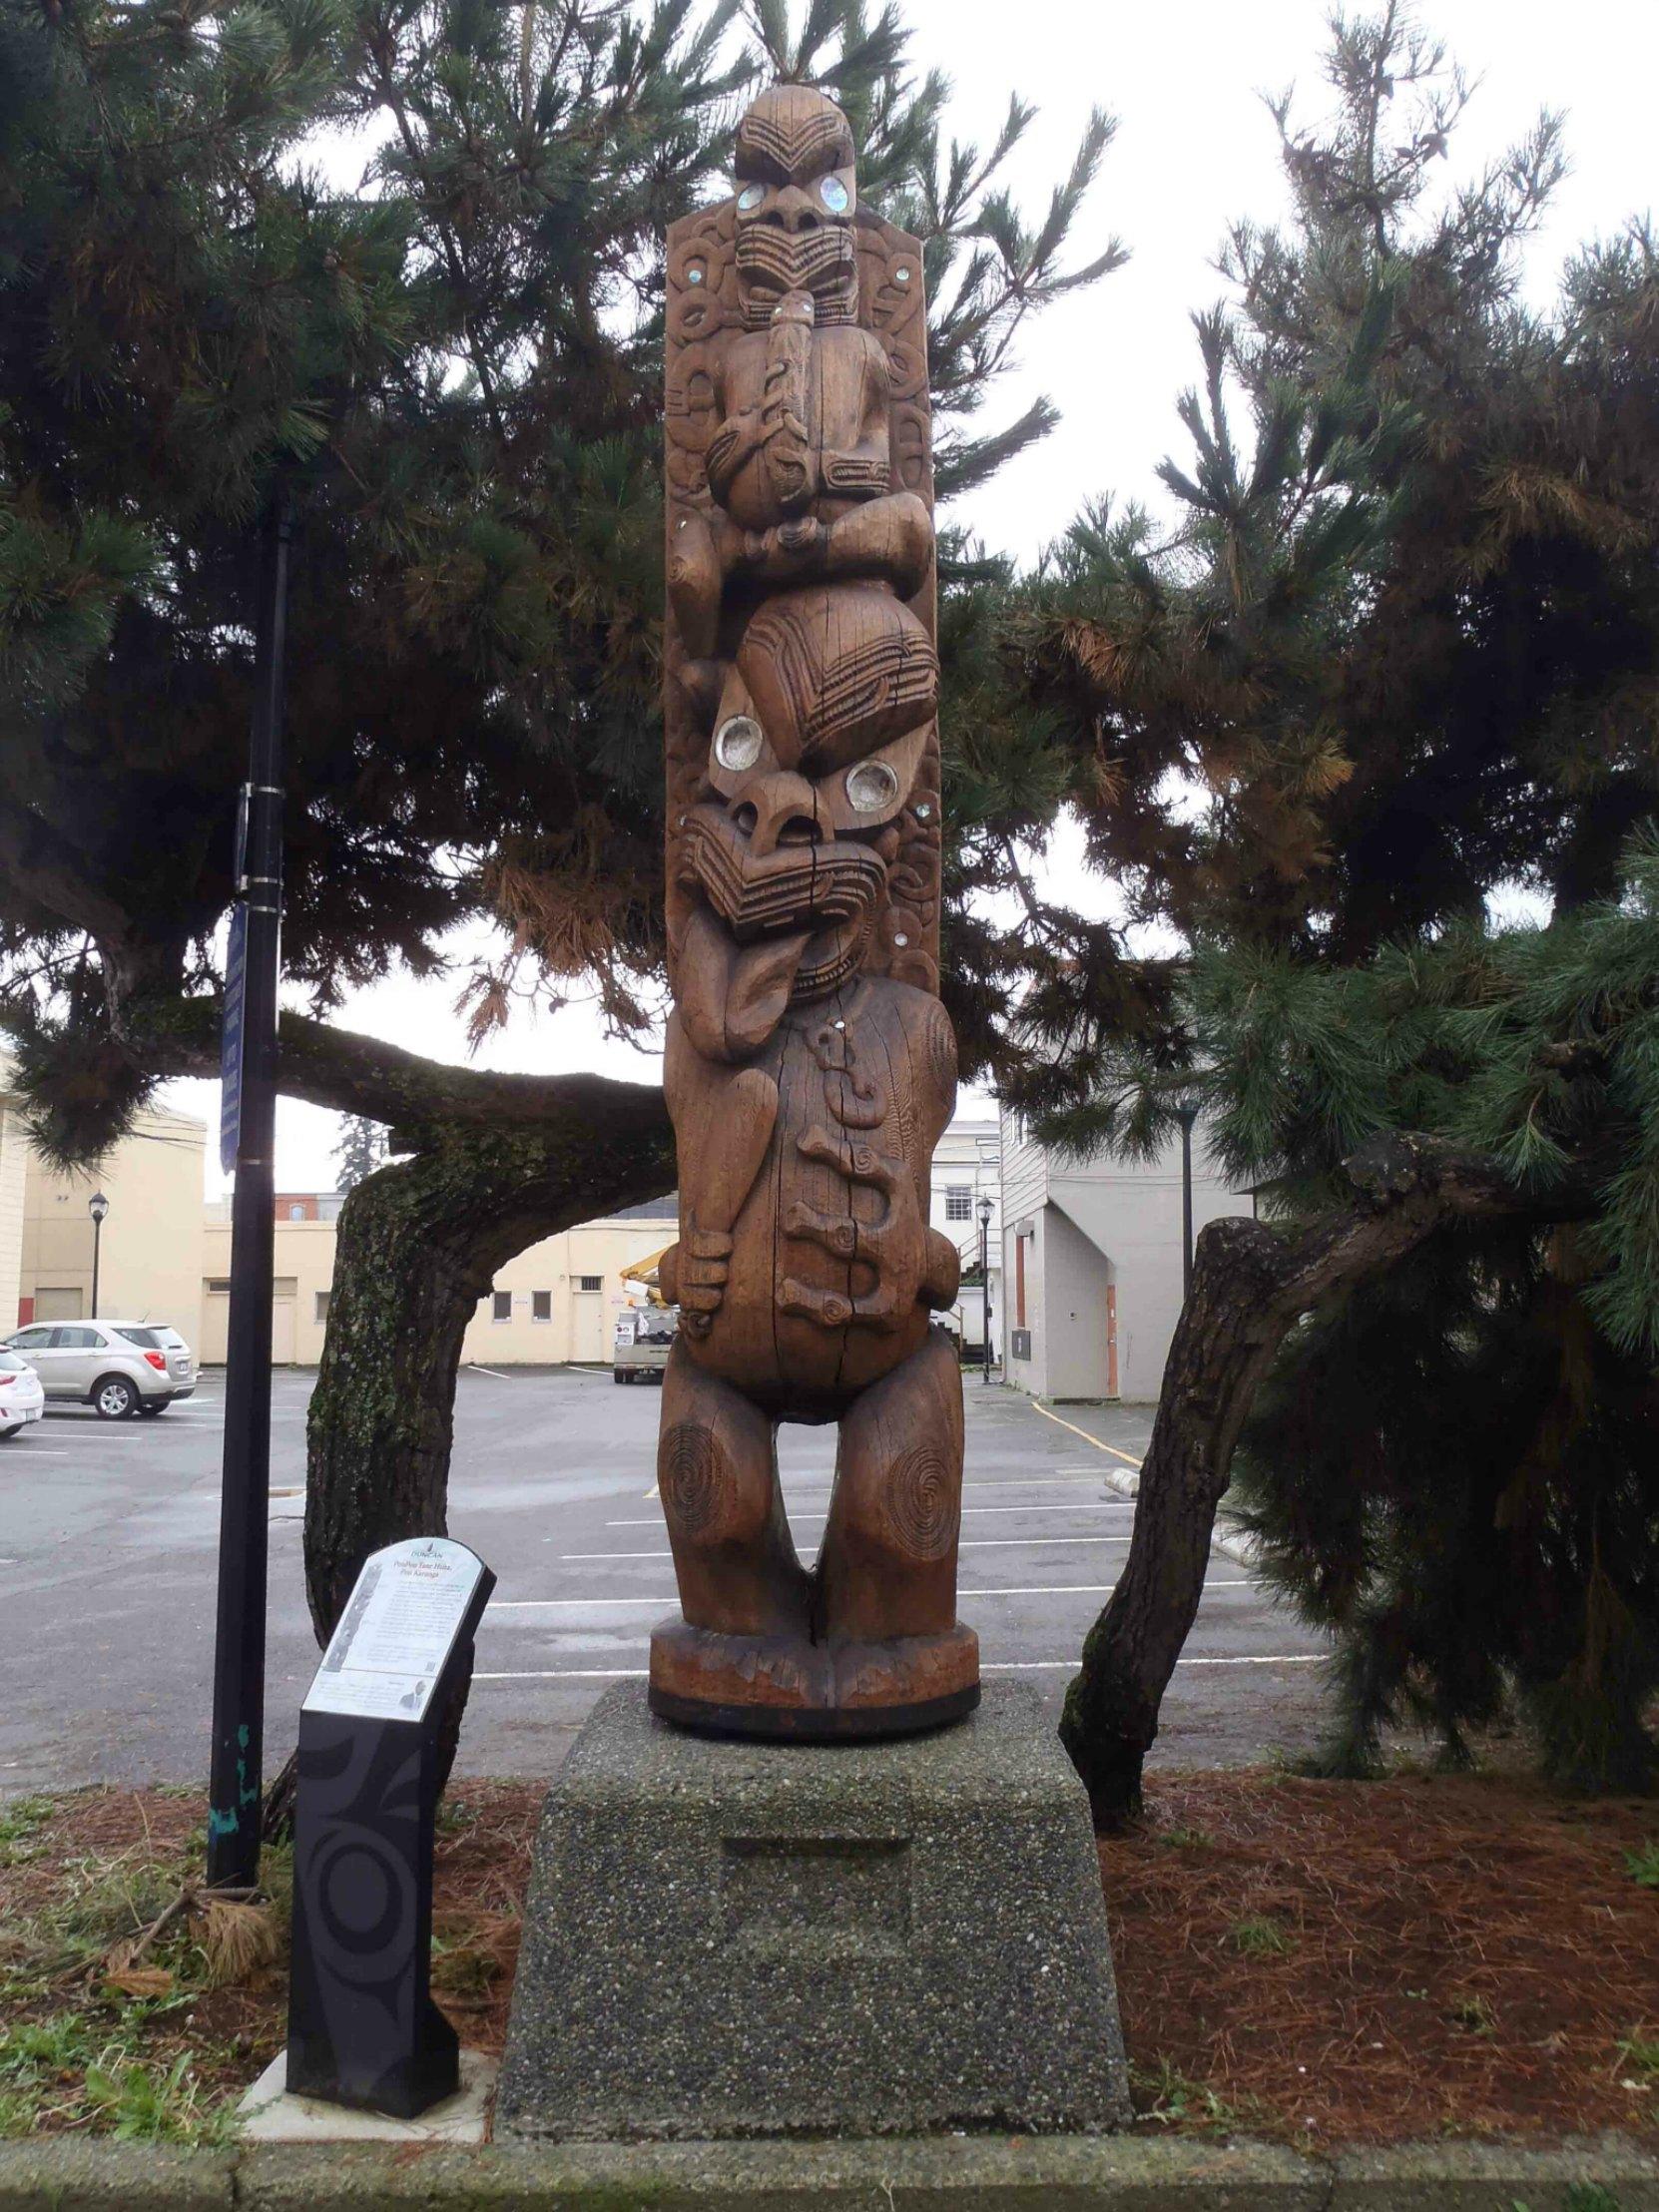 PouPou Tane Hiira Pou Karanga, Kenneth Street, Duncan, B.C.